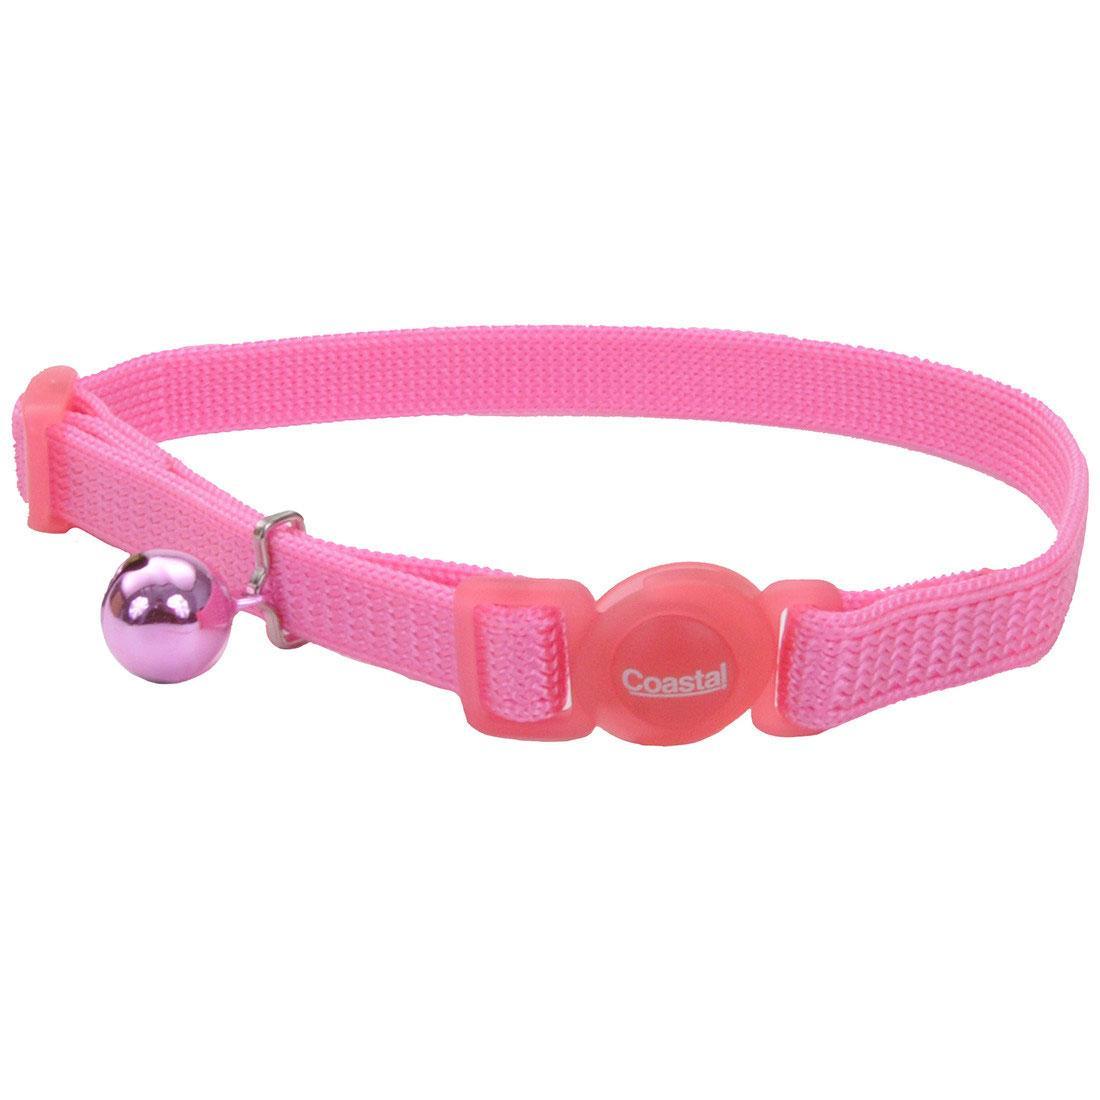 Safe Cat Adjustable Snag-Proof Breakaway Cat Collar, Pink Bright, 3/8-in x 8-12-in